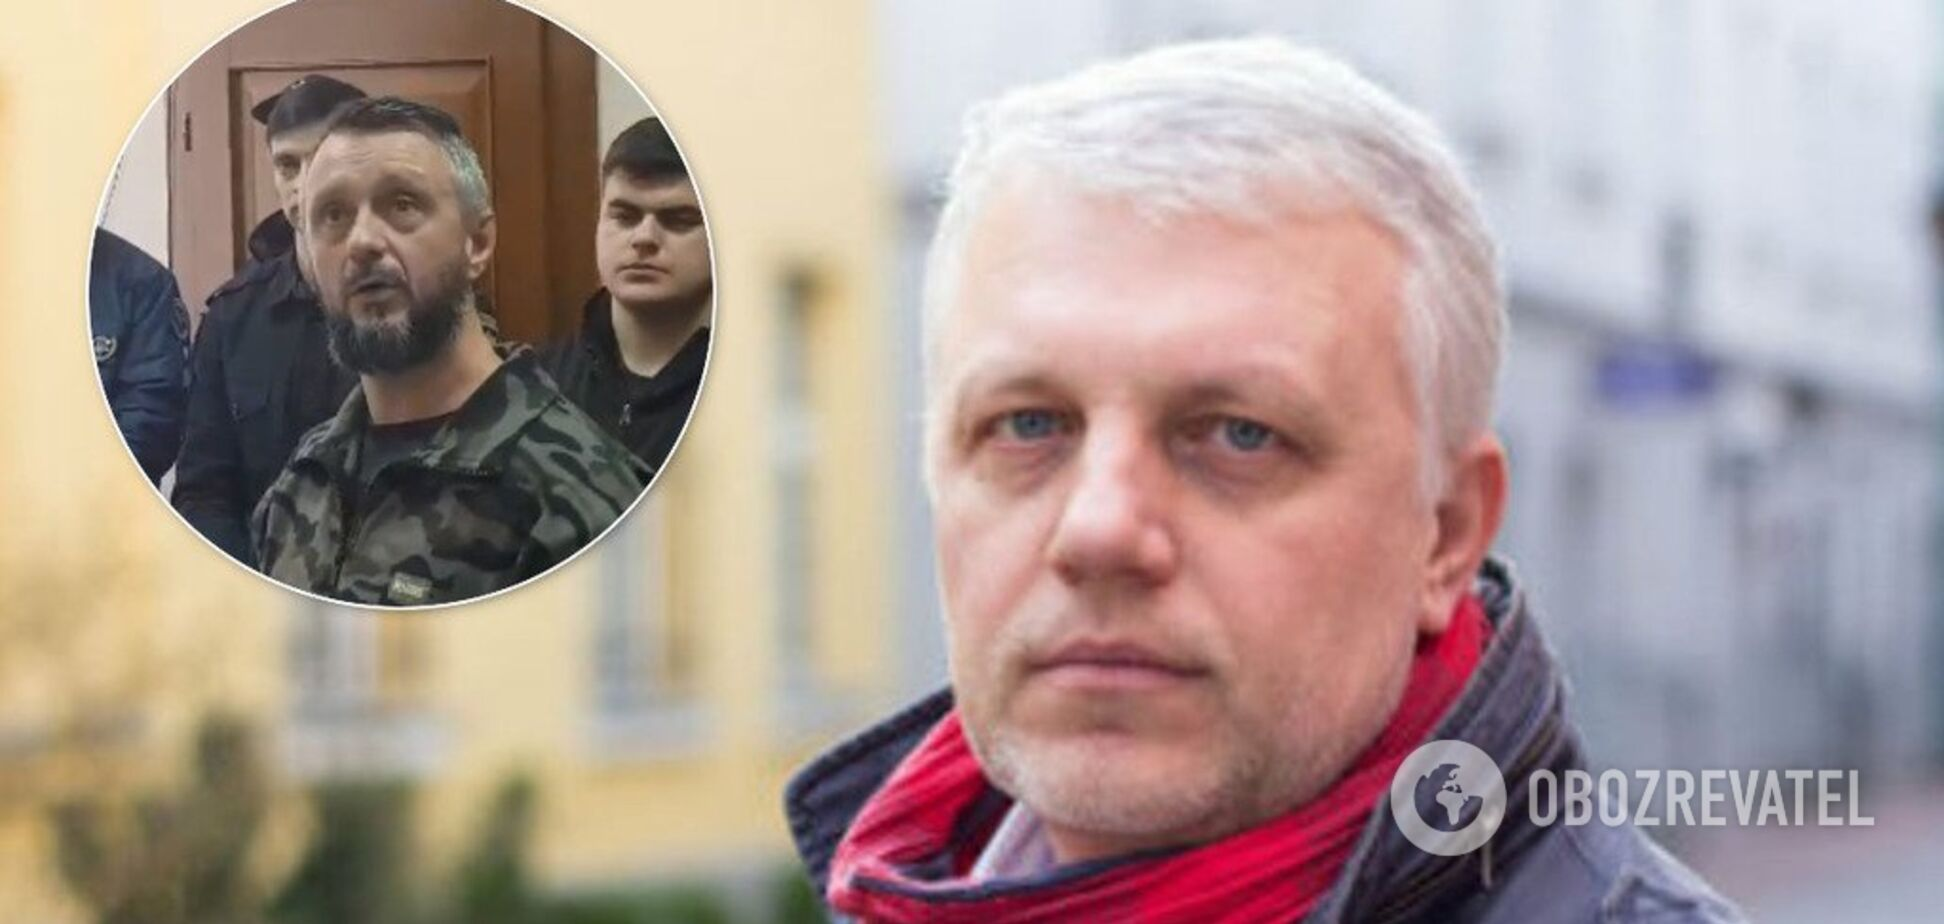 Суд ухвалив нове рішення щодо підозрюваного у вбивстві Шеремета Антоненка